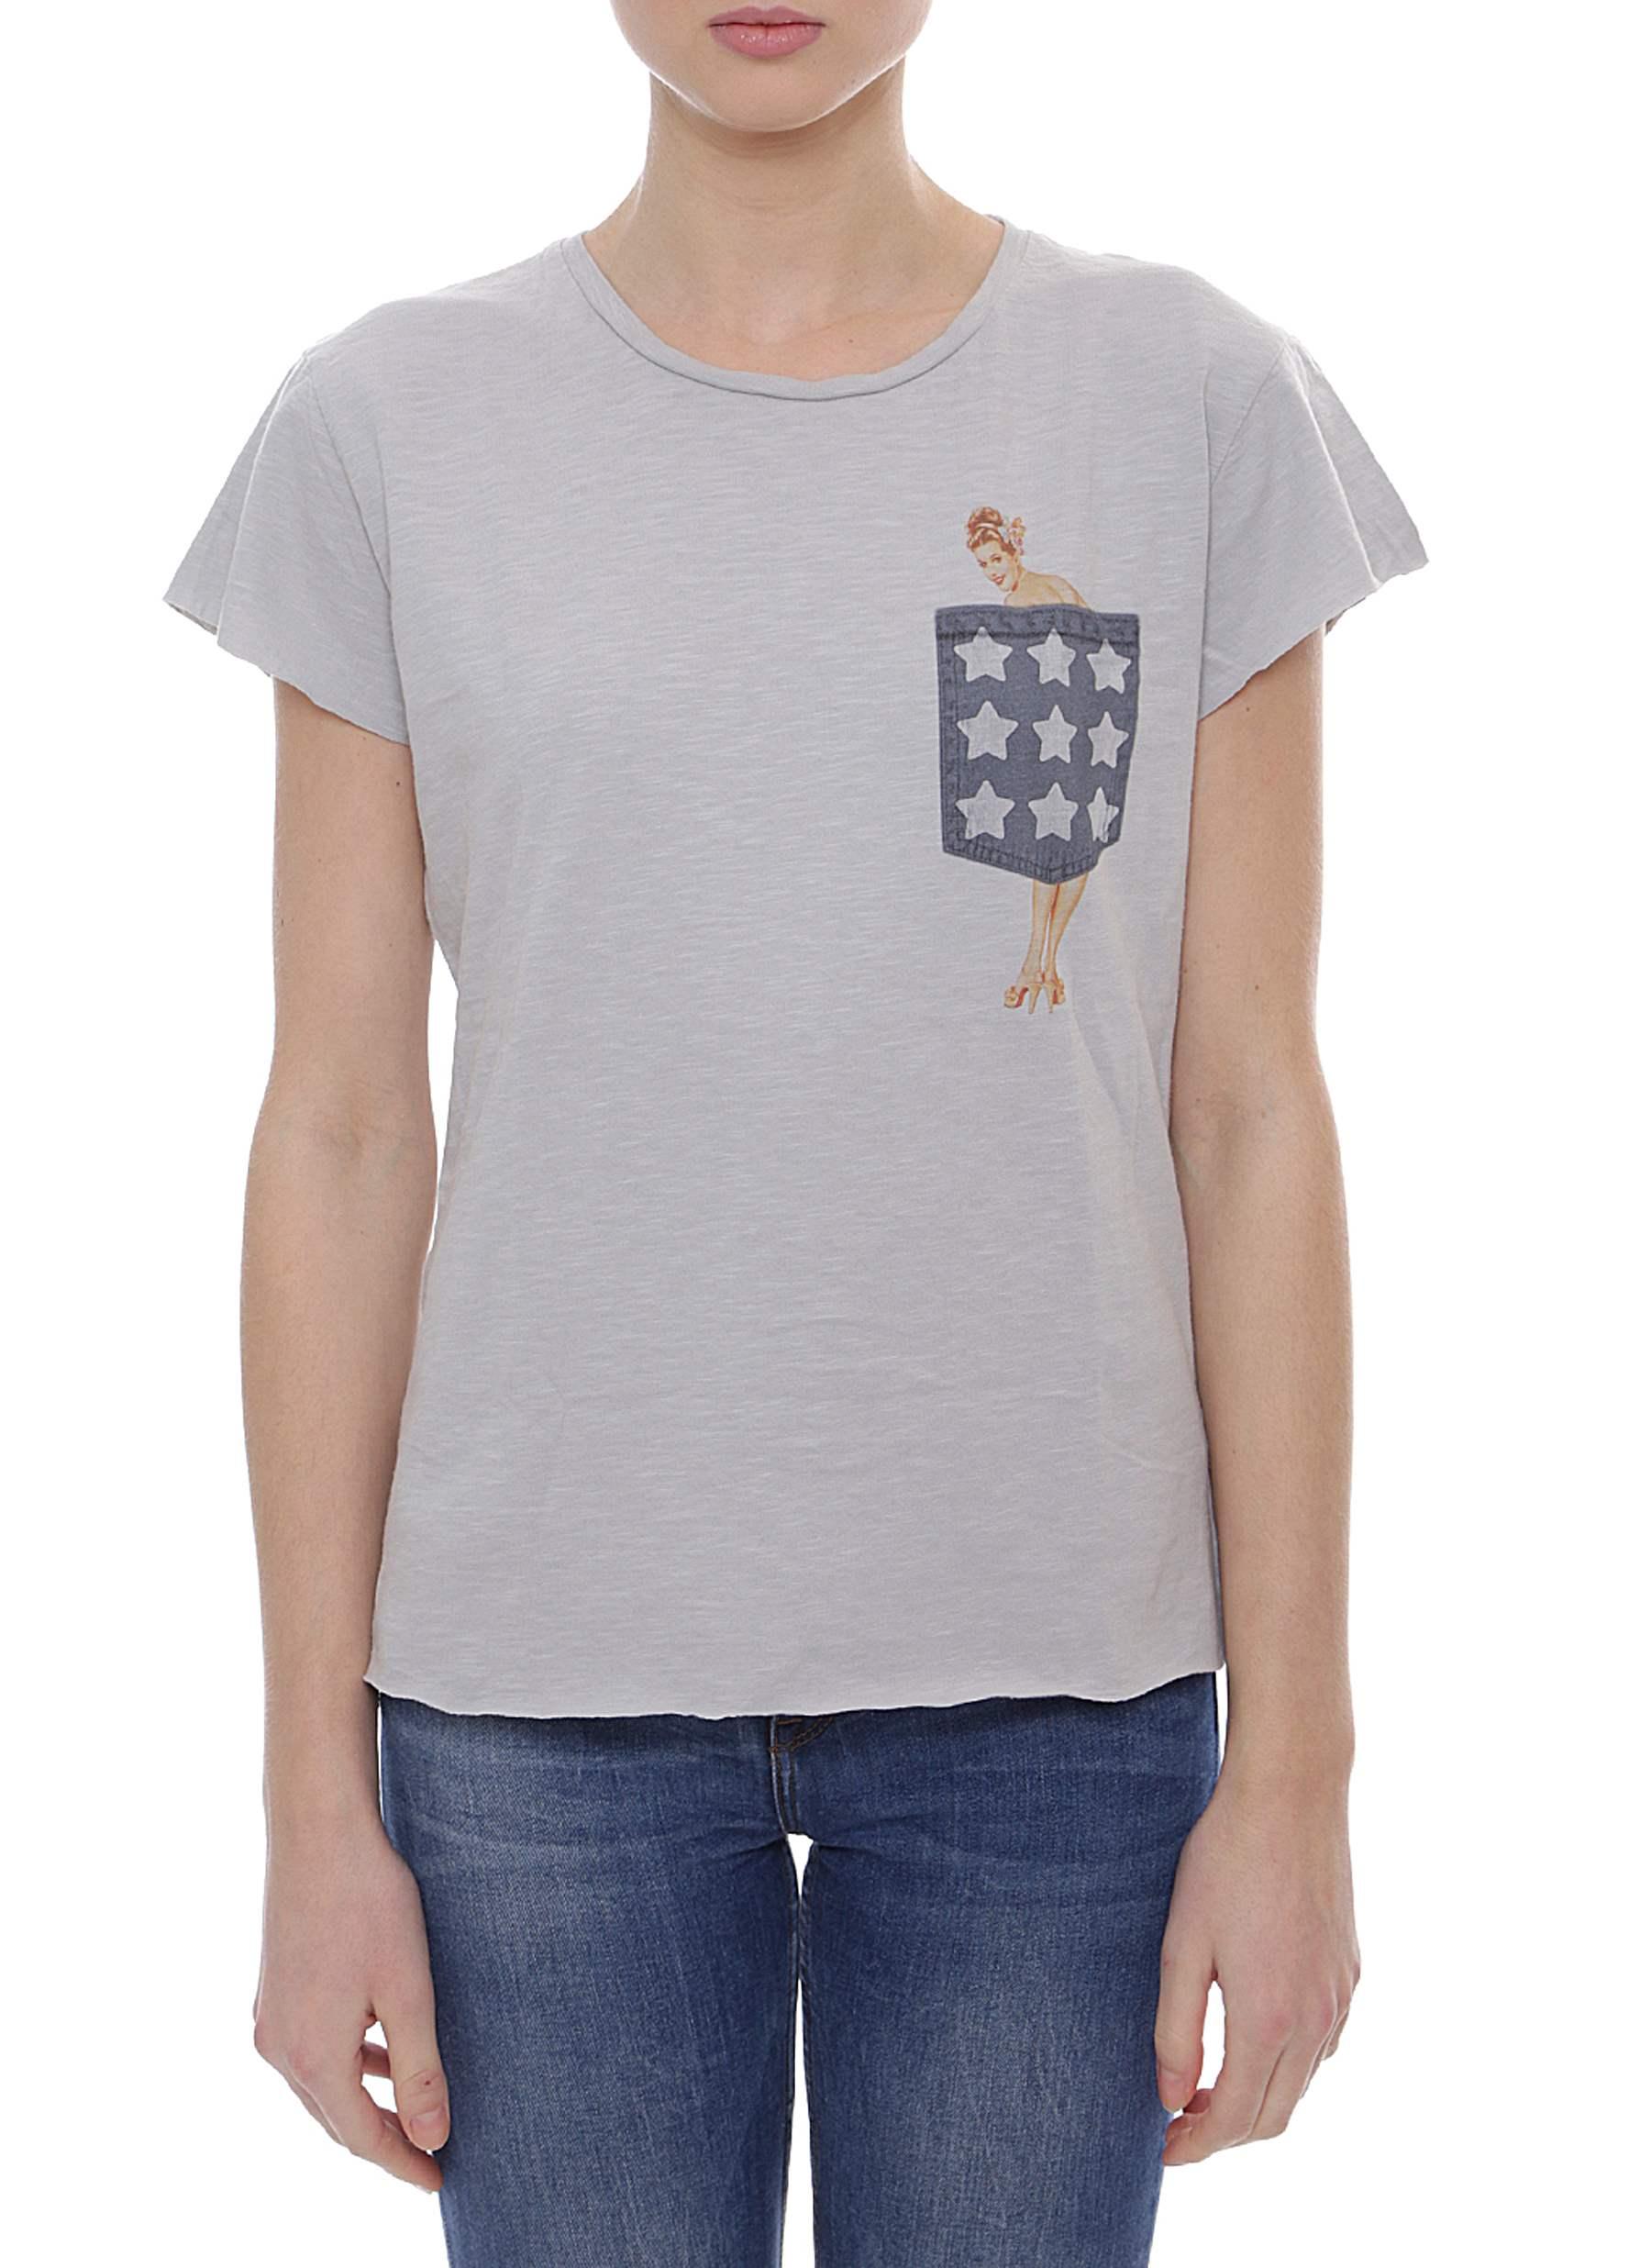 Women Bazaar - Γυναικεία Μπλούζα ALL INCLUSIVE